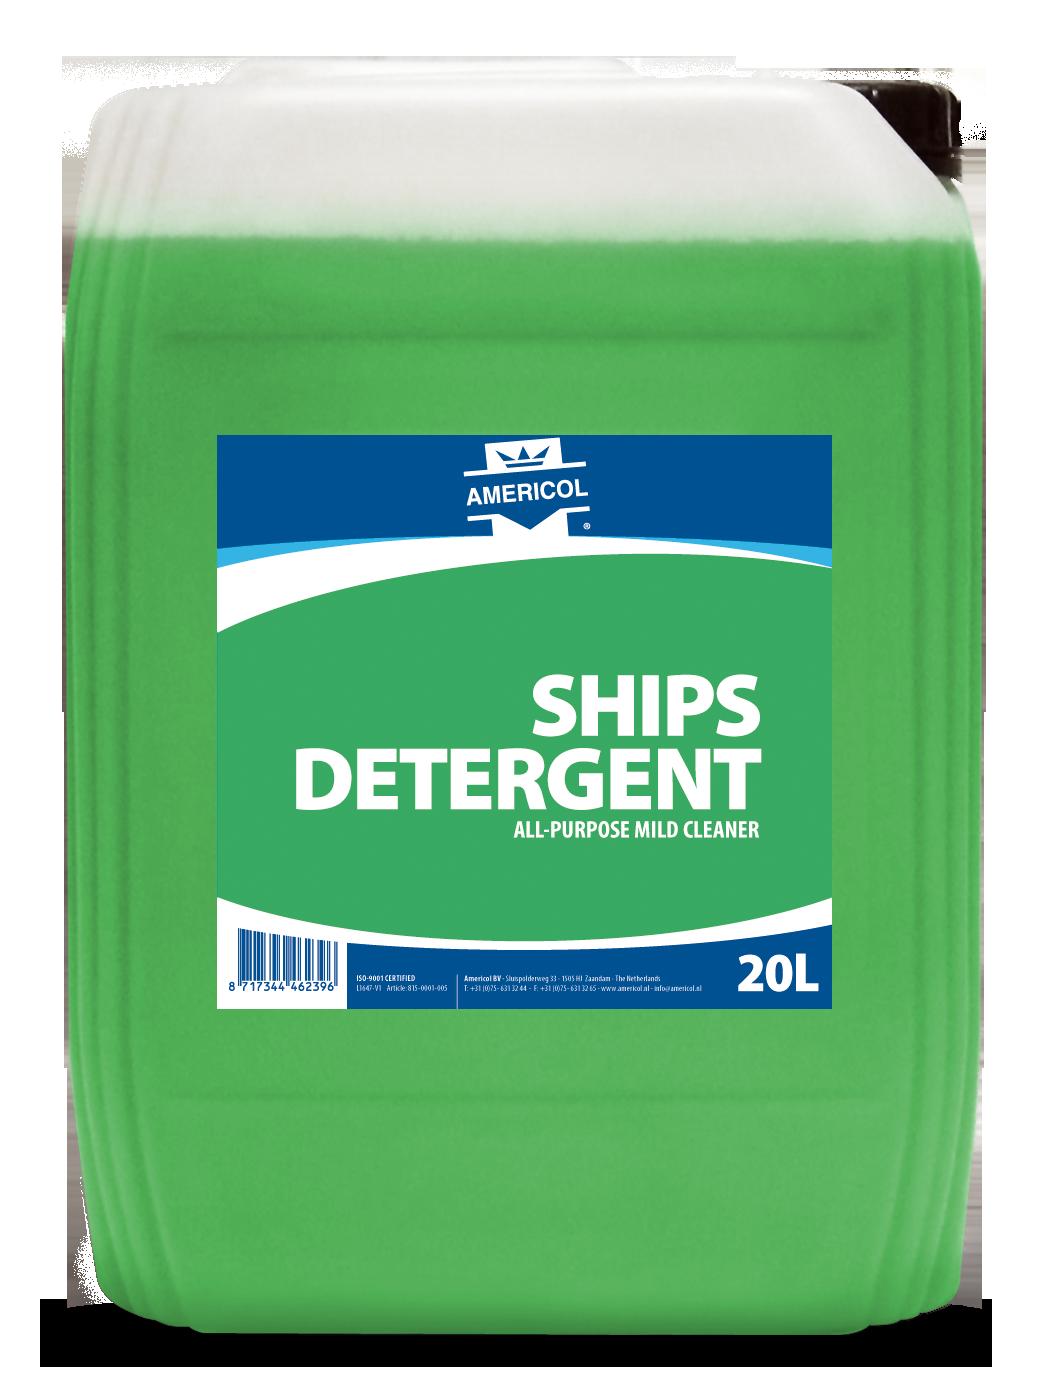 Ships Detergent 20L